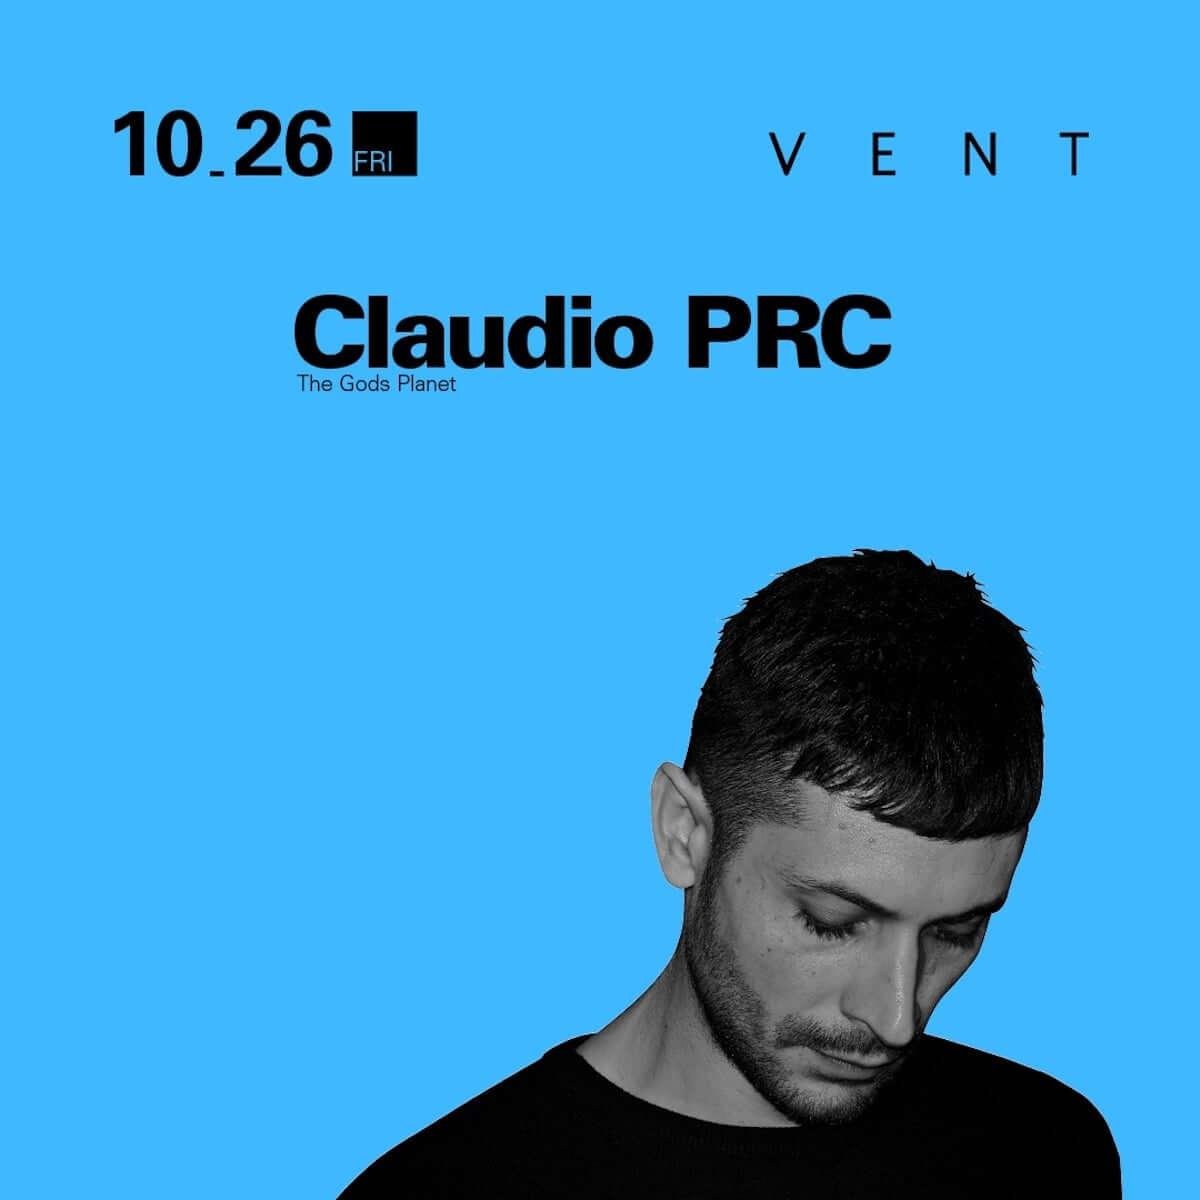 新世代のディープミニマリスト代表格、Claudio PRCがついにVENTへ降臨! music181023-vent-claudio-prc-3-1200x1200